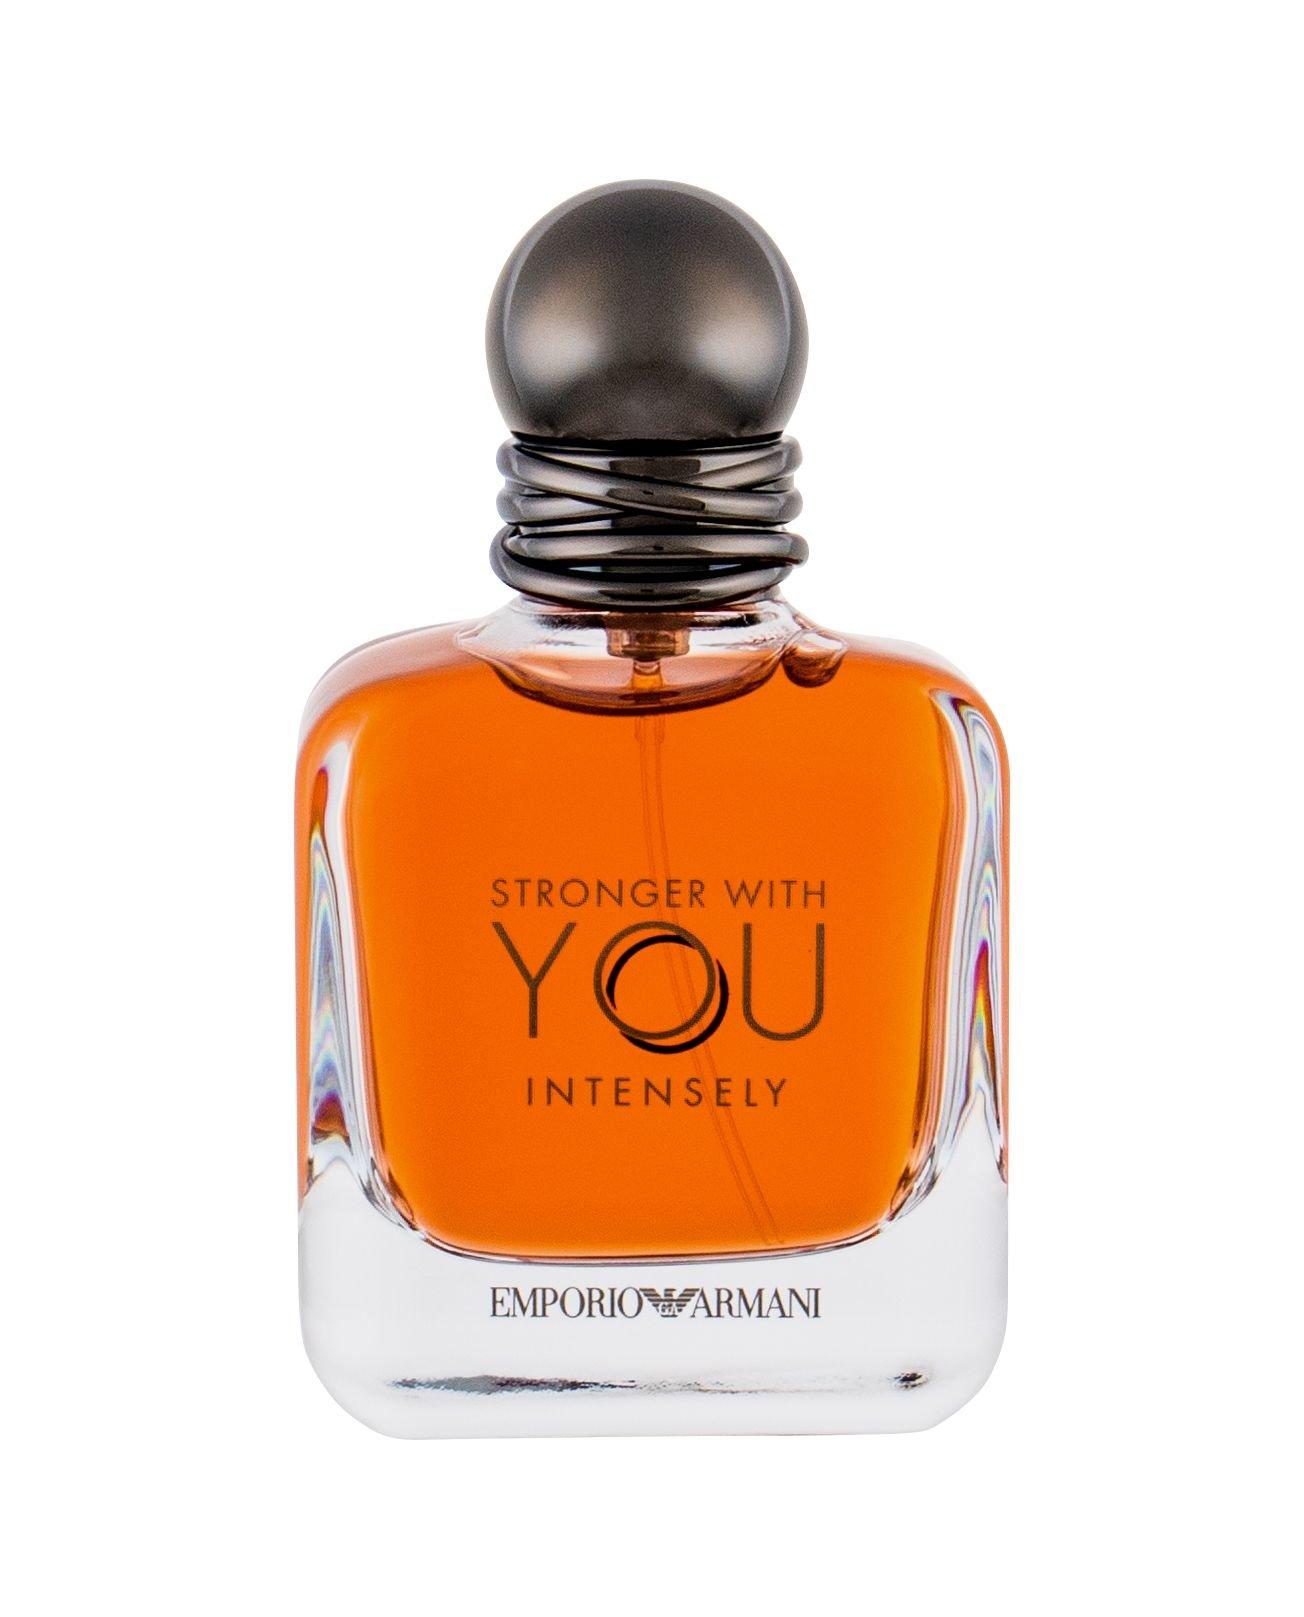 Giorgio Armani Emporio Armani Eau de Parfum 50ml  Stronger With You Intensely